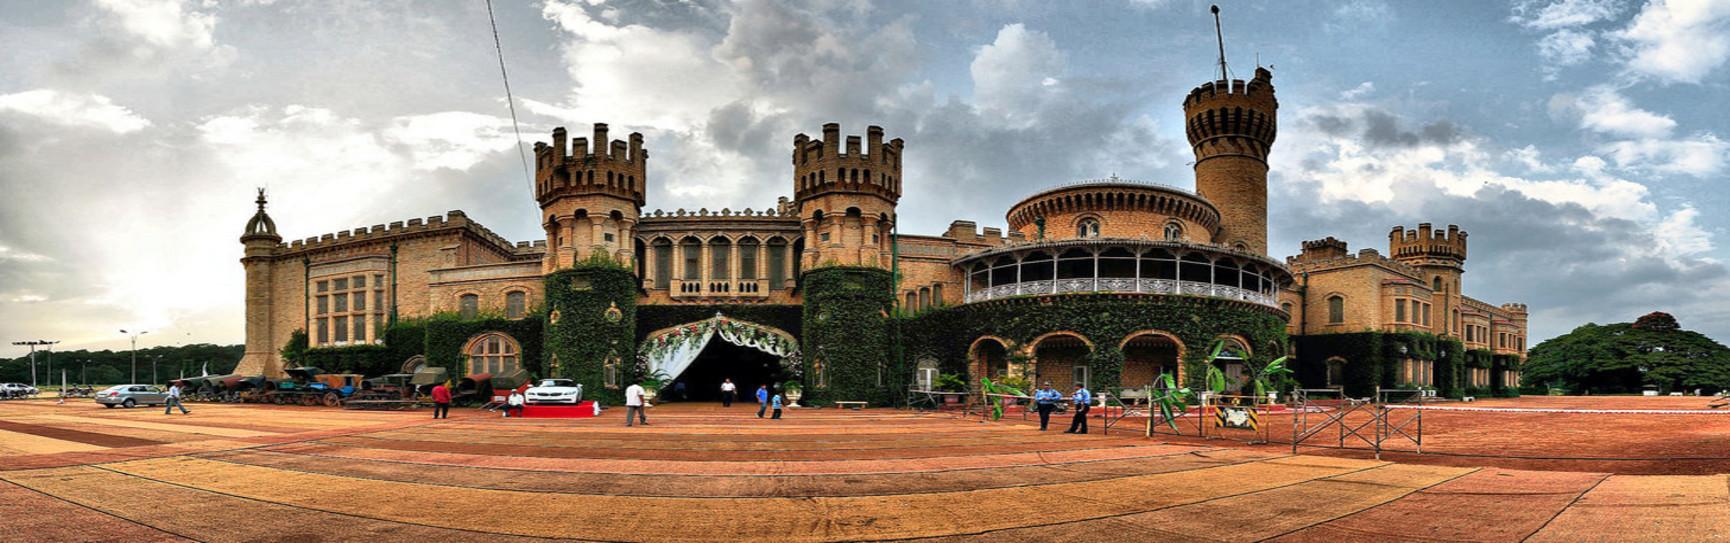 Bangalore Palace Bharat Taxi